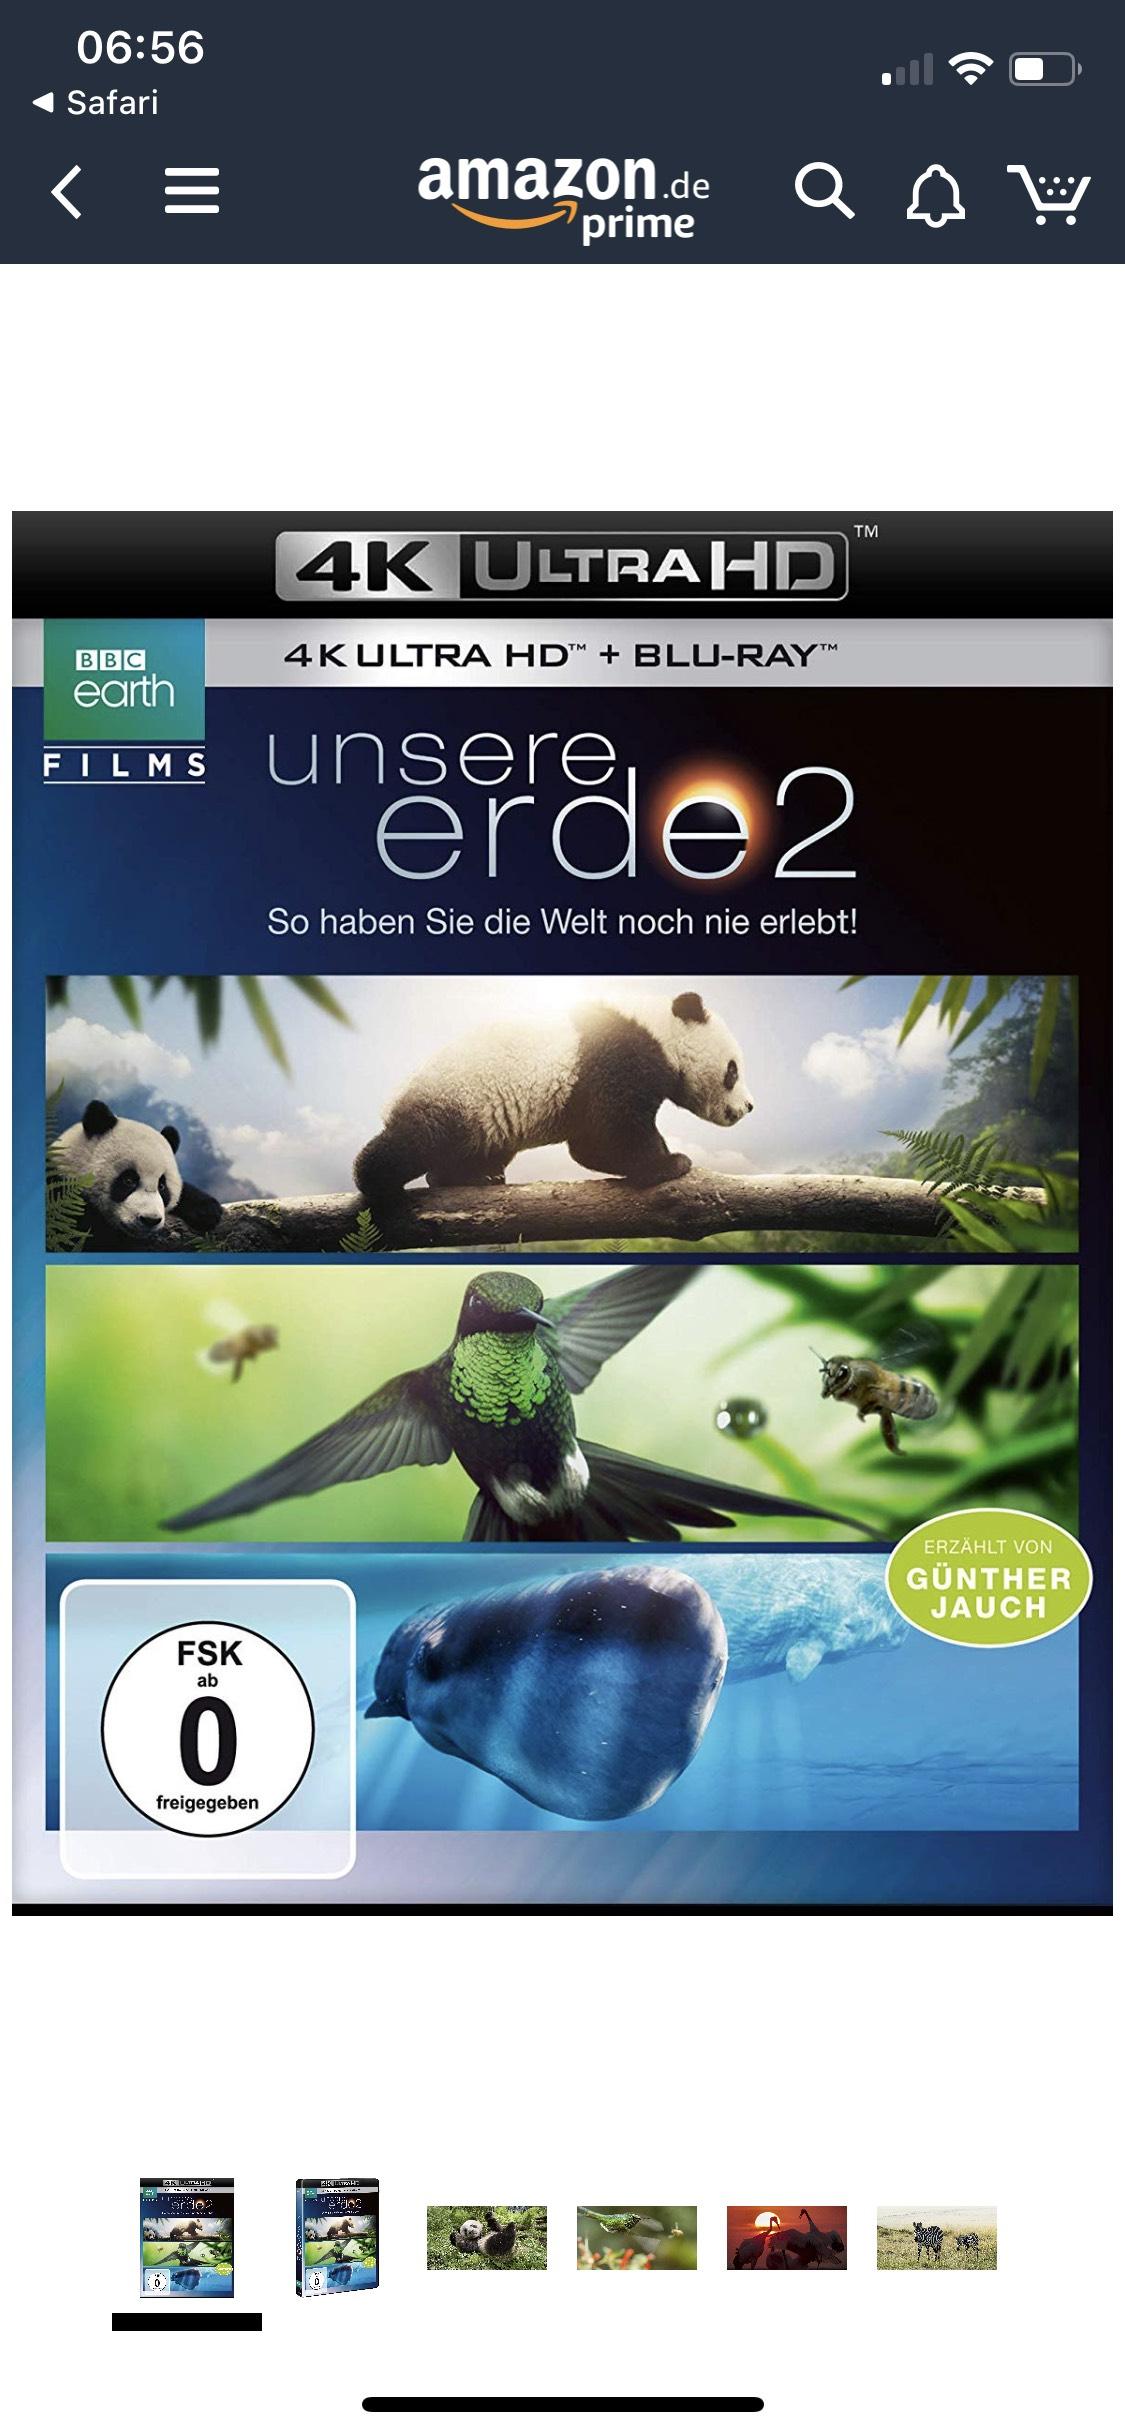 Unsere Erde 2 (4K Ultra HD)